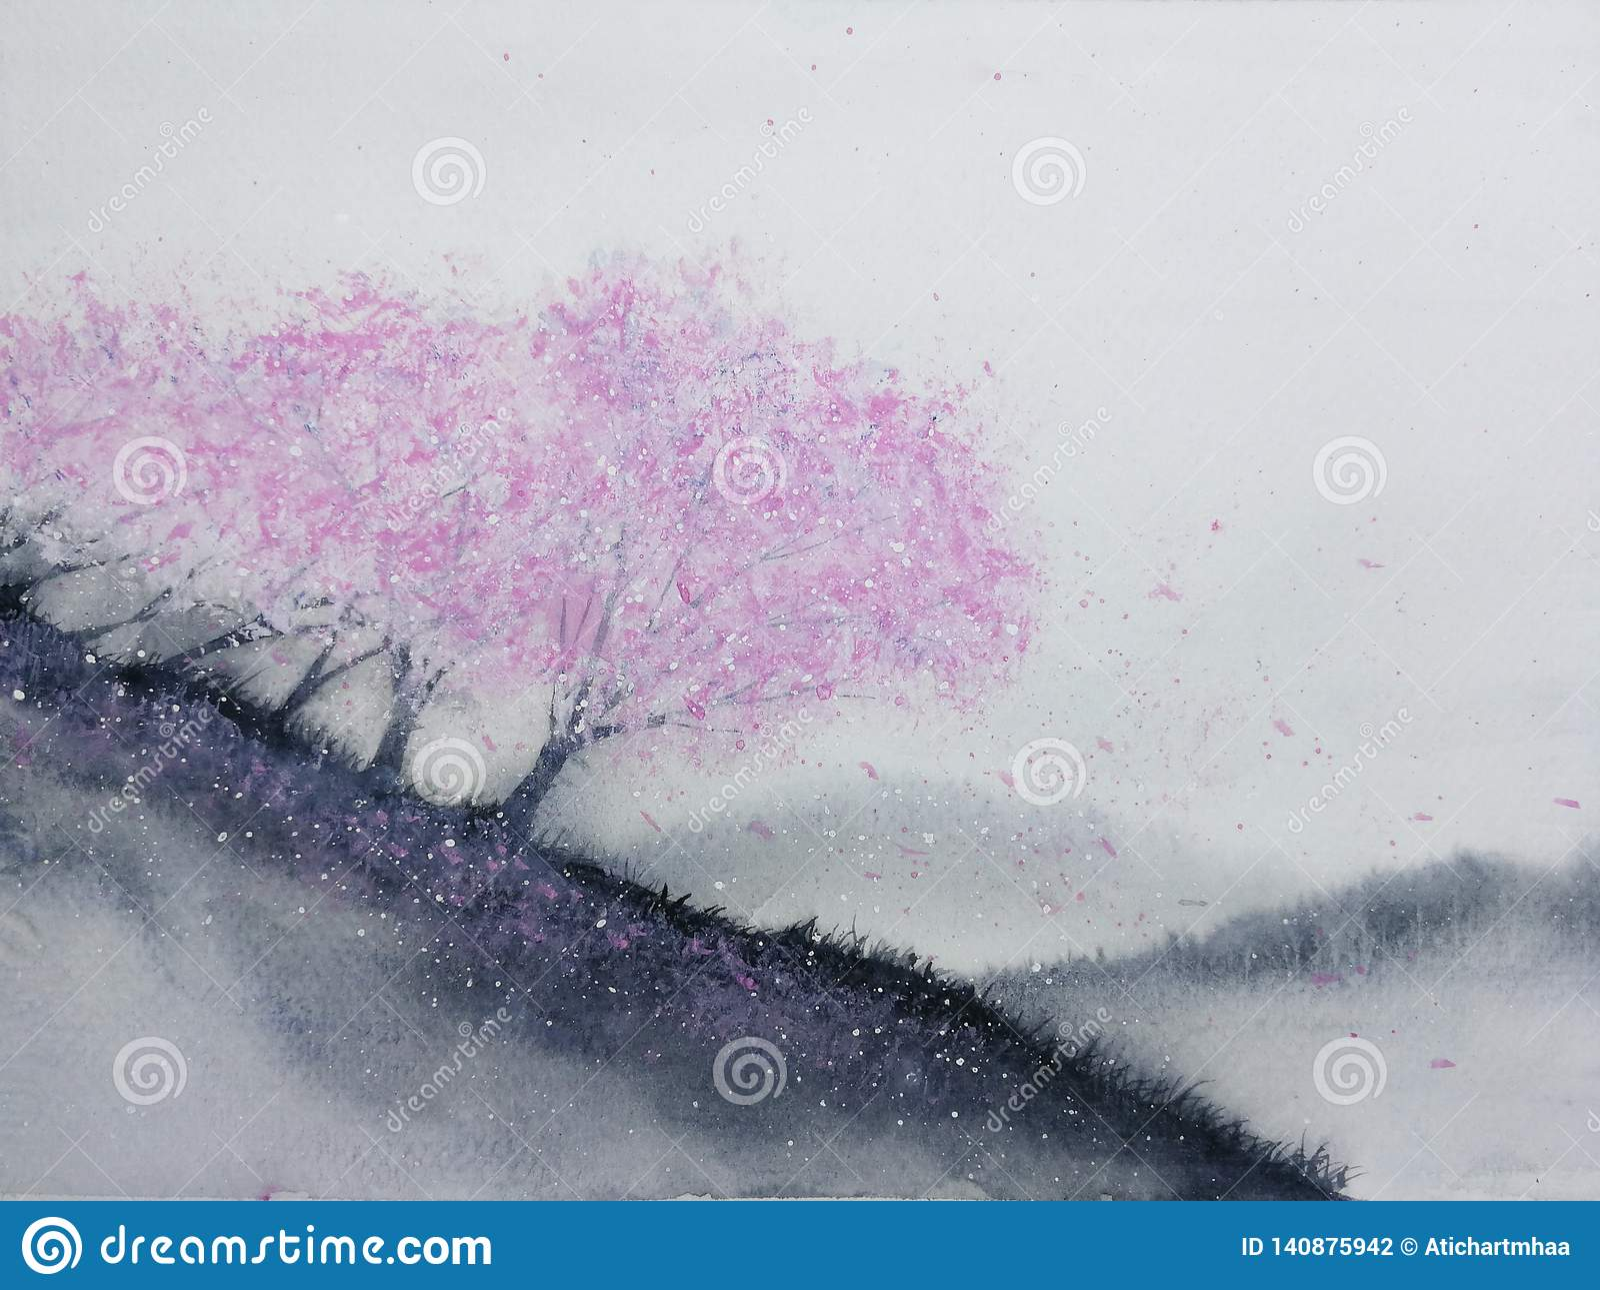 Fiore di ciliegia degli alberi del paesaggio dell acquerello o foglia rosa di sakura che cade al vento in collina della montagna